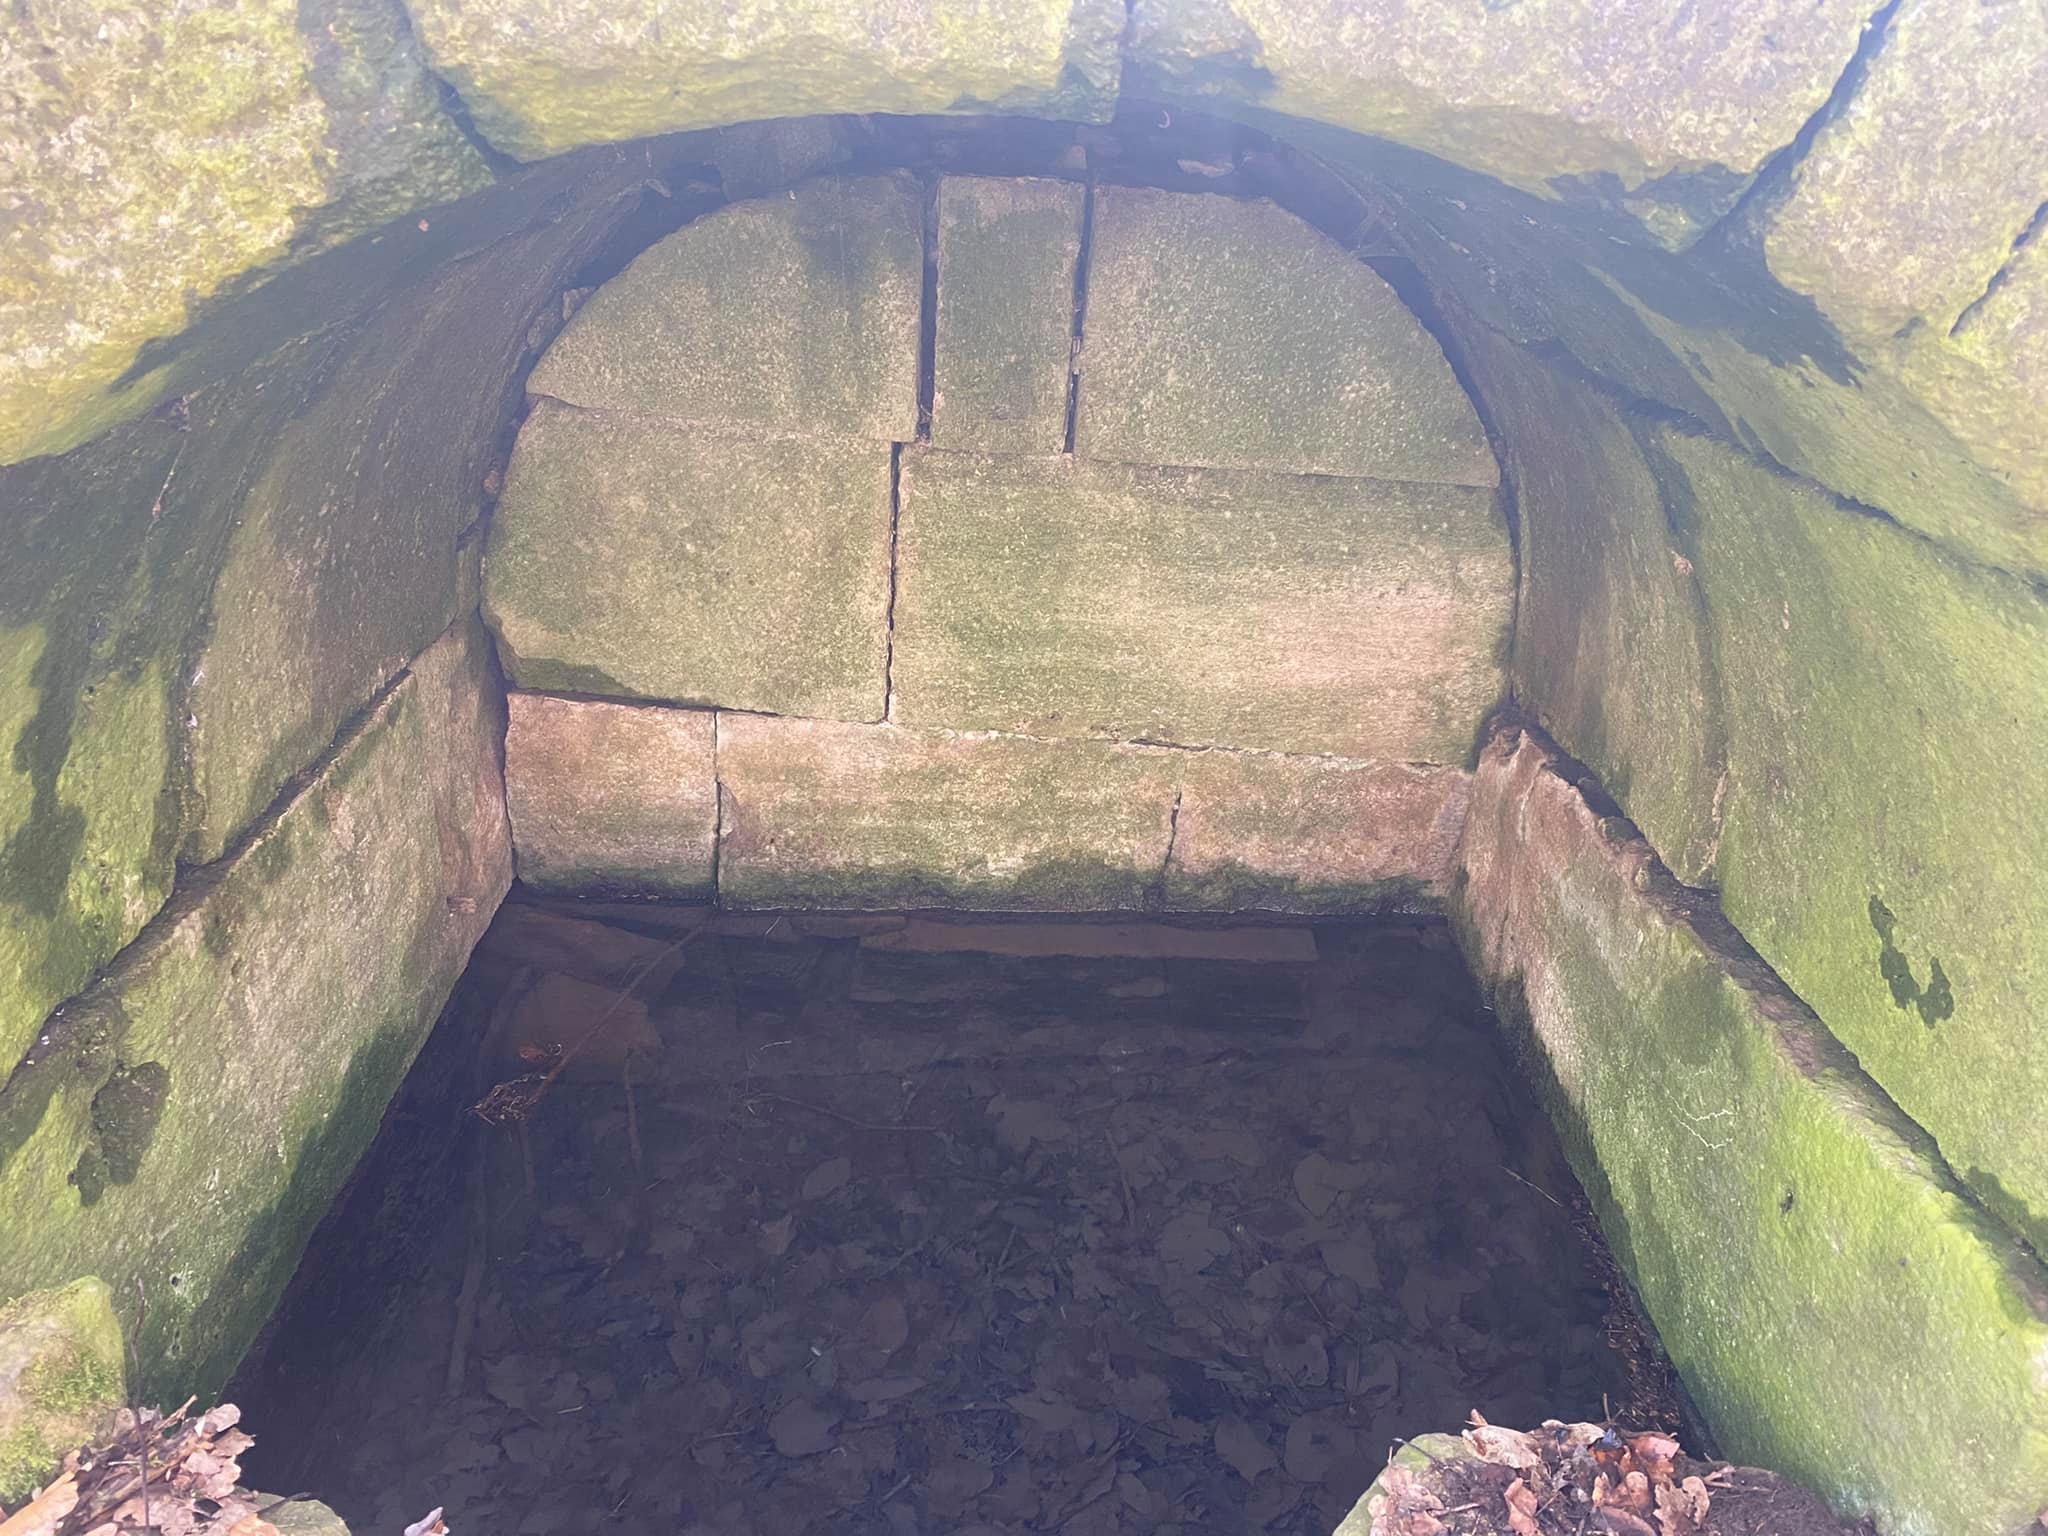 Die Lützelquelle versorgt den Lützelgrund mit Wasser und droht trocken zu fallen, wenn der Steinbruch kommt.